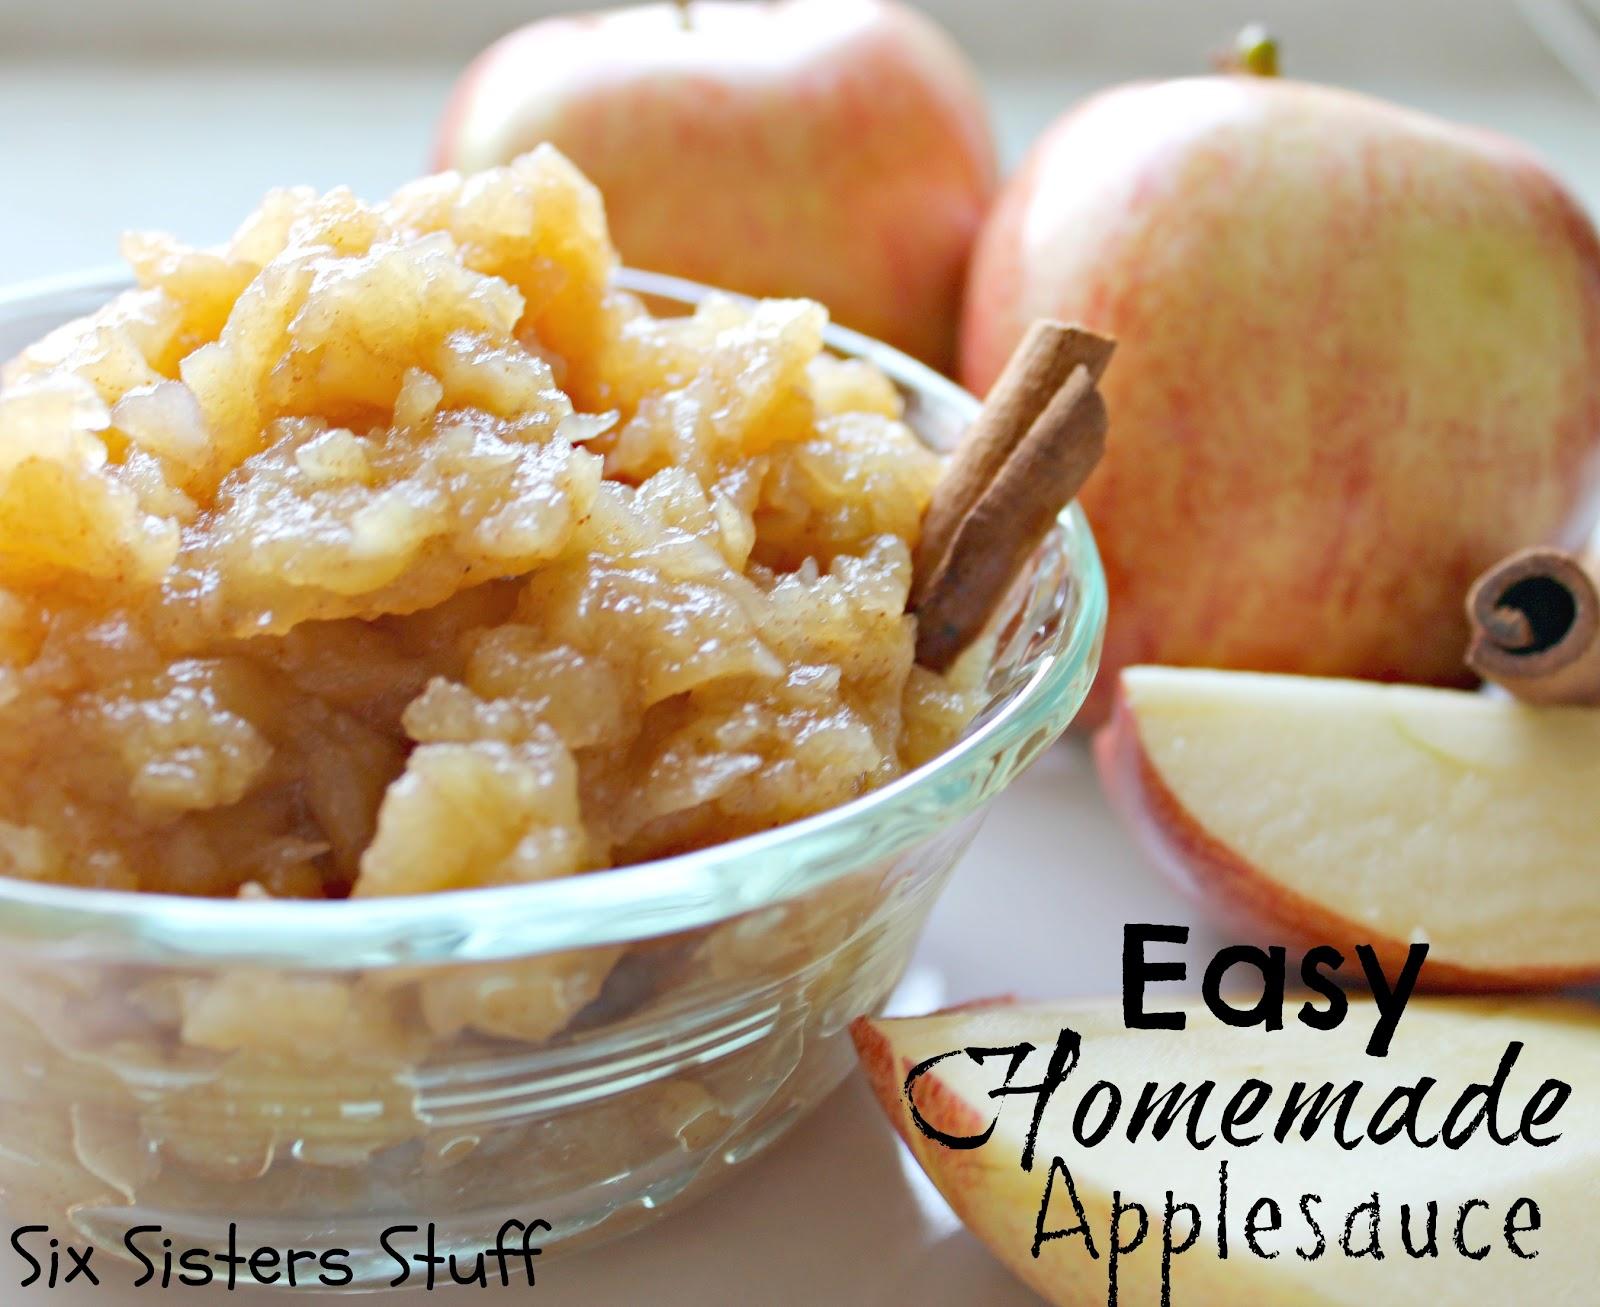 Homemade Applesauce Easy homemade applesauce